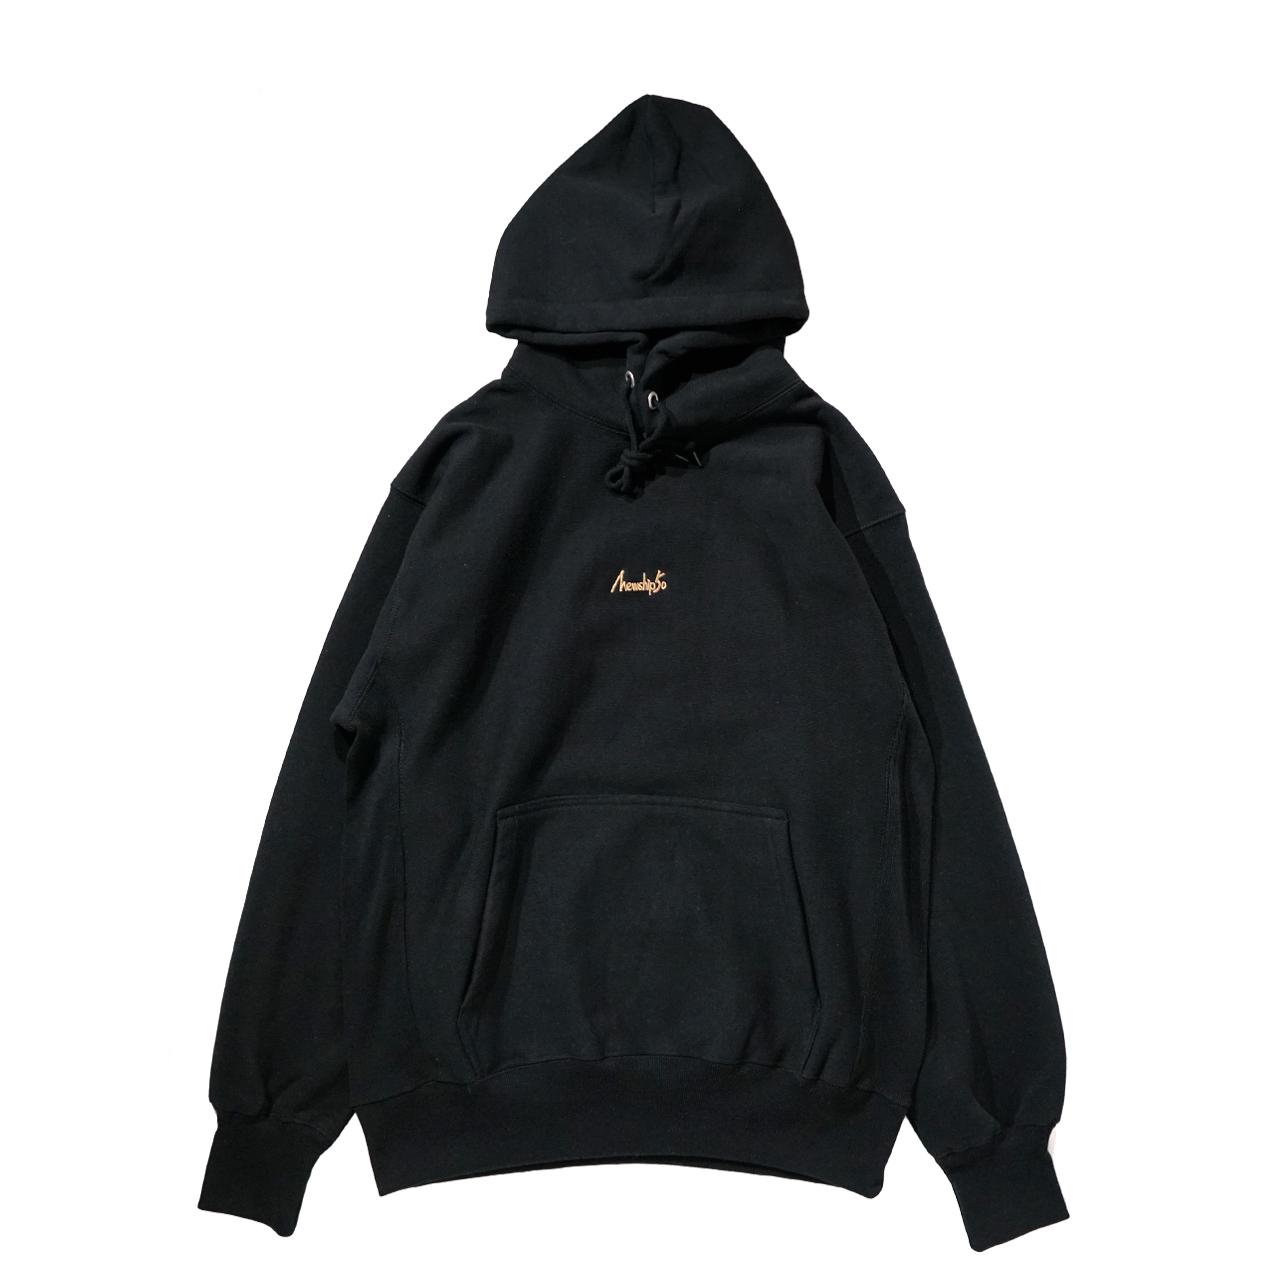 BASIC LOGO 019 pullover <Black×Beige> - 画像1